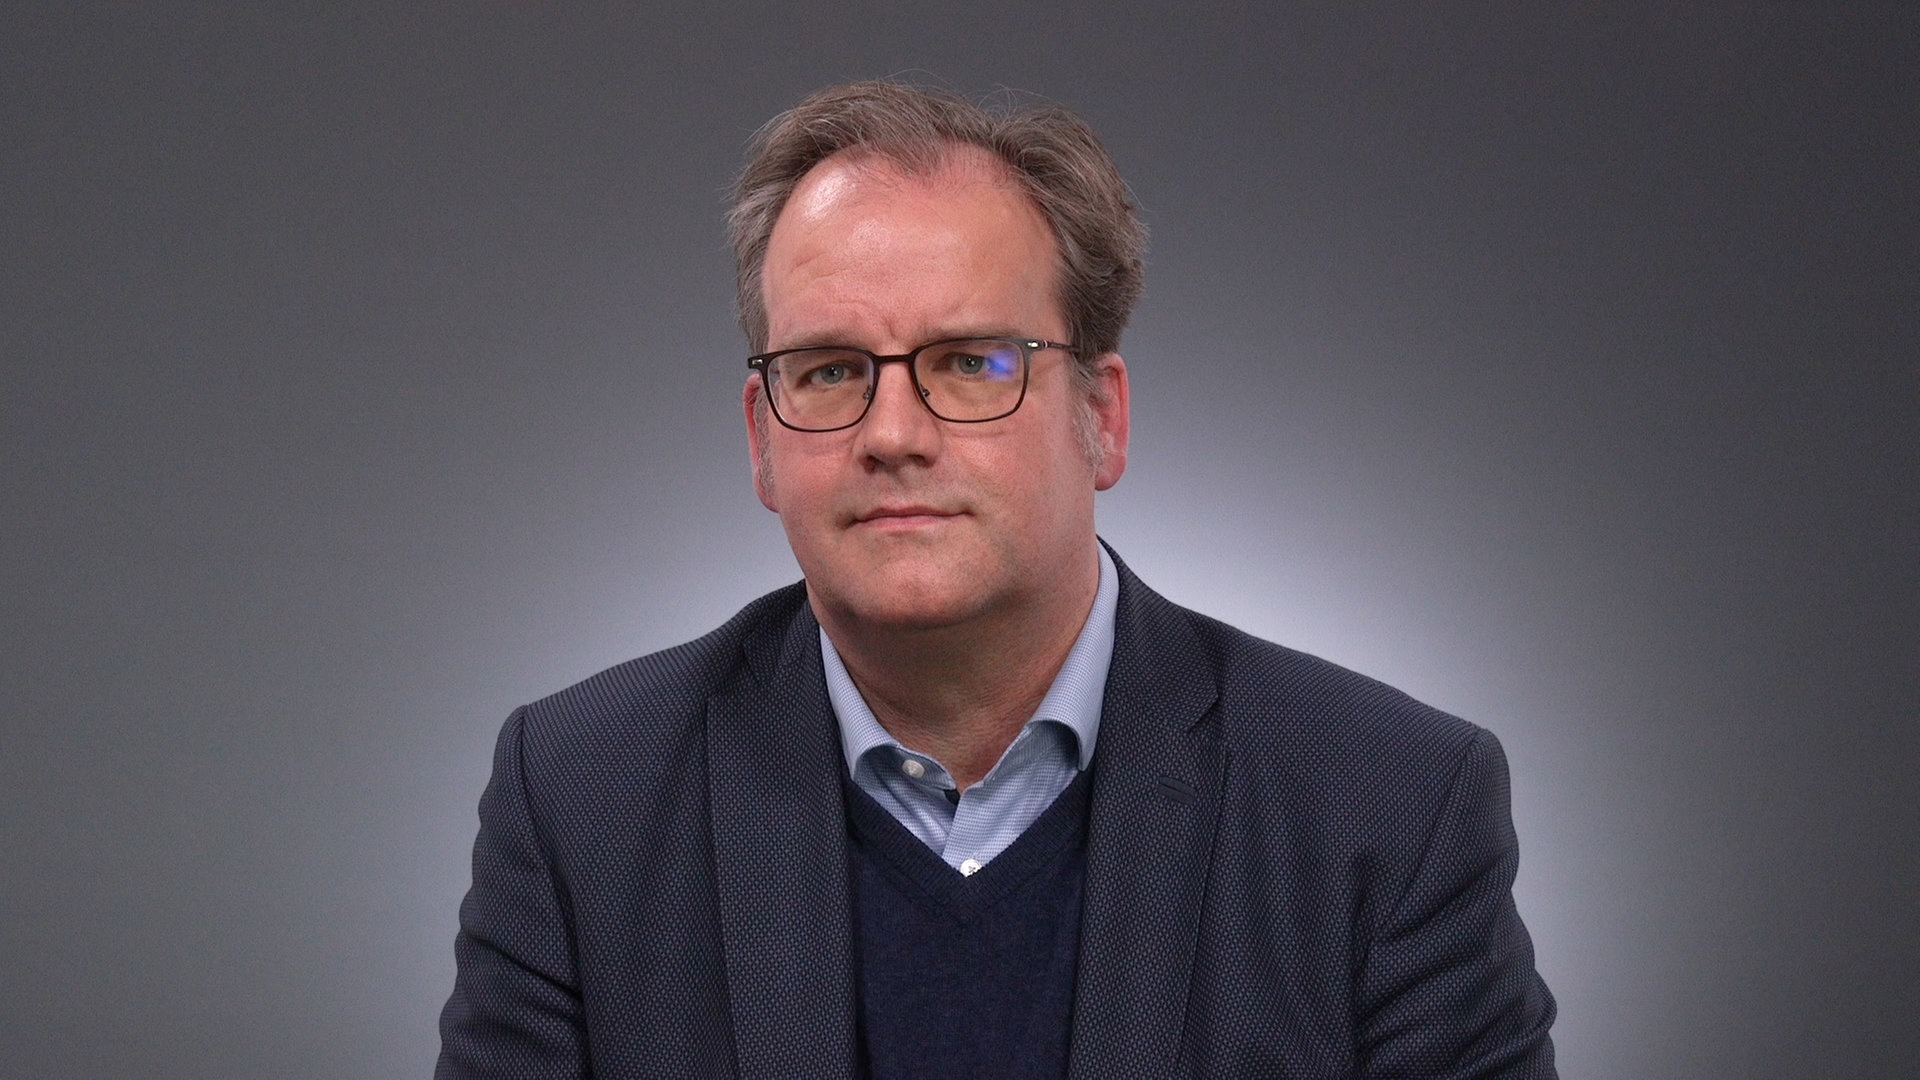 Urs Tabbert, SPD